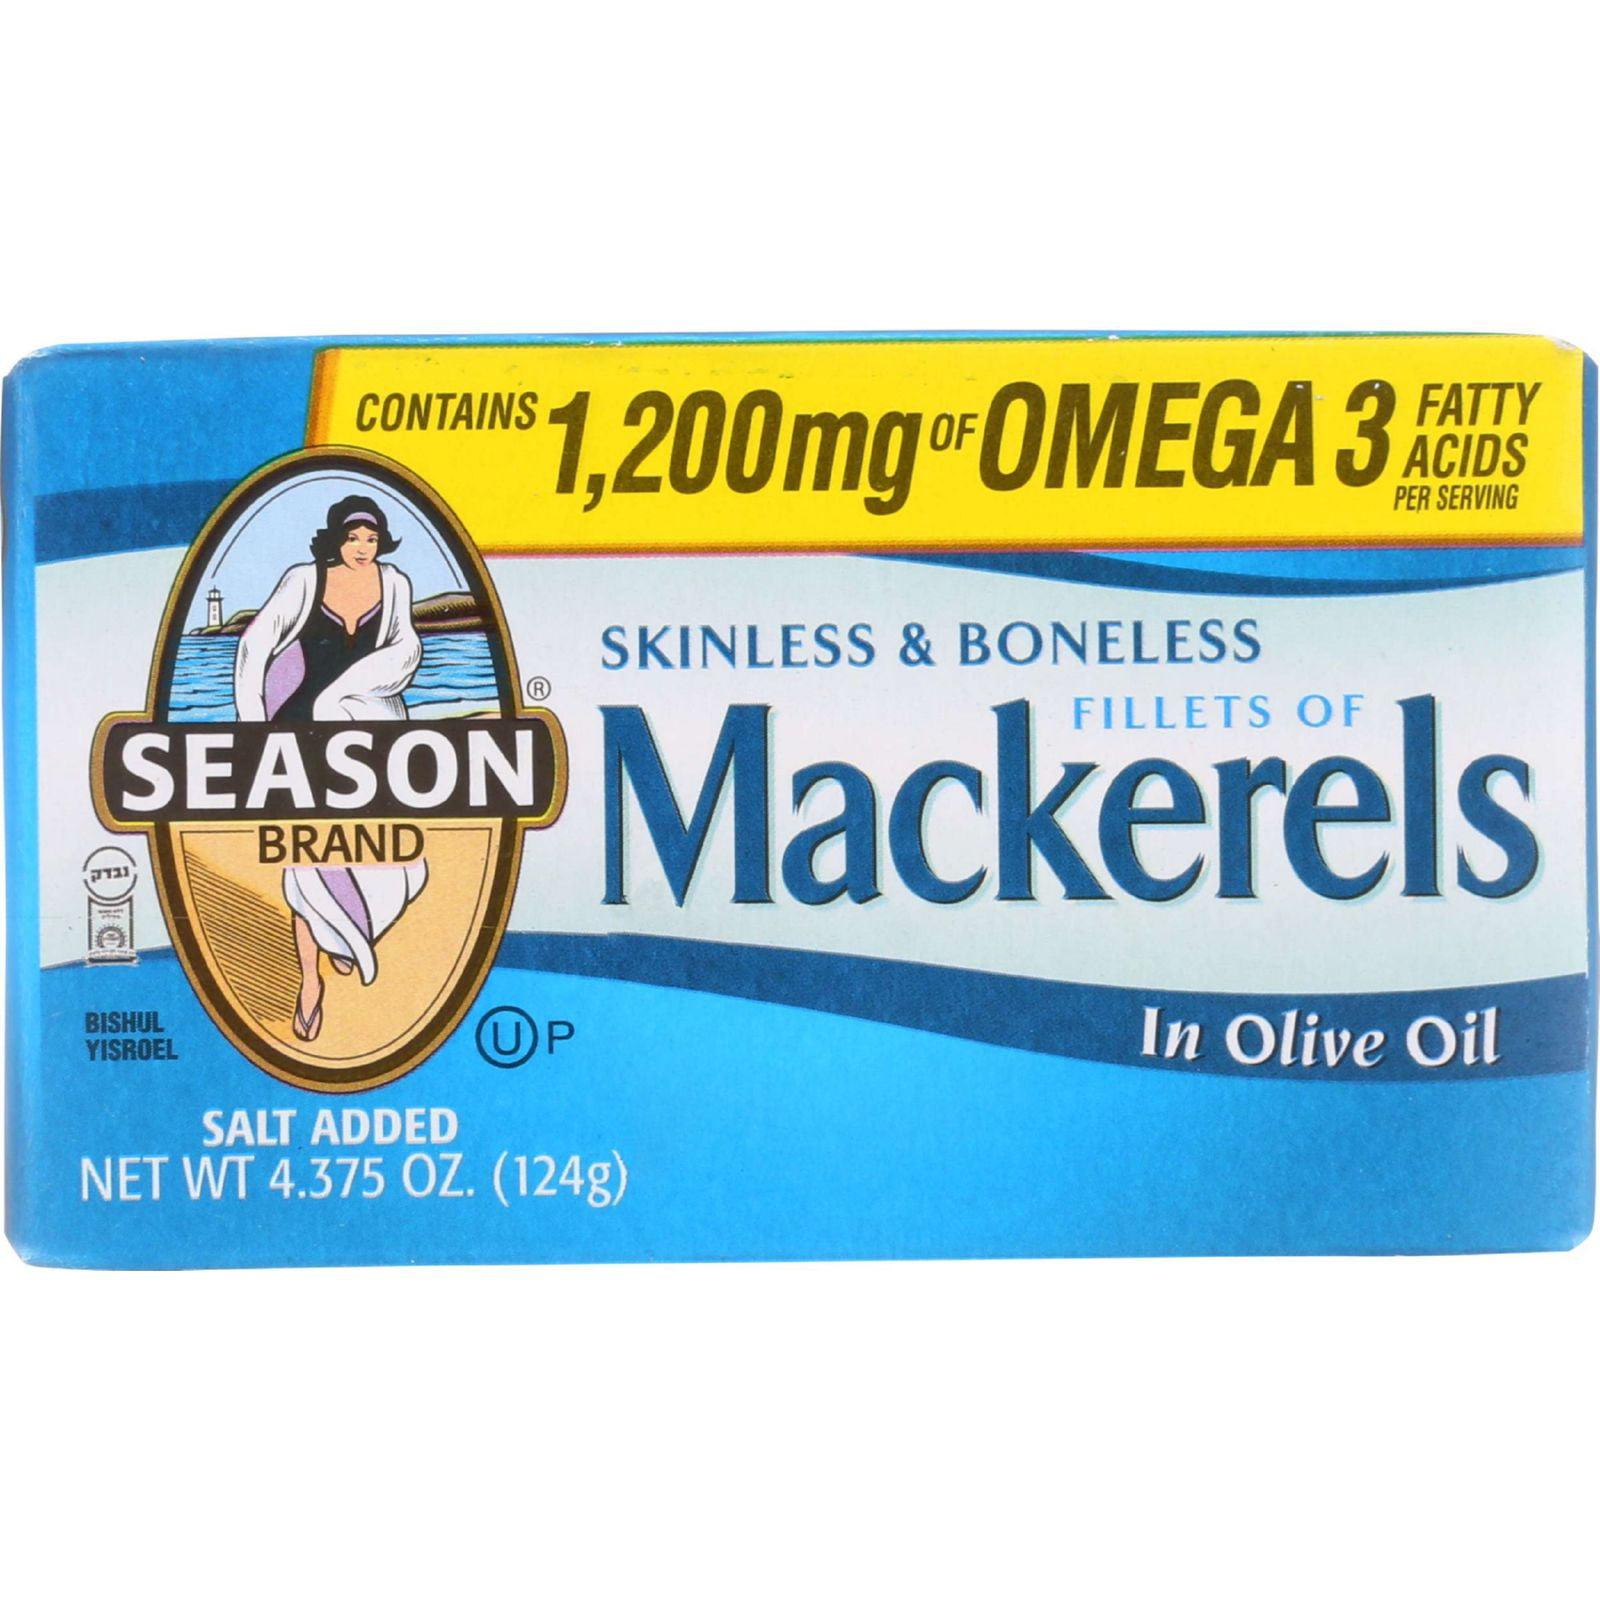 Season Brand Mackerels Fillets in Olive Oil 4.375 oz case of 12 by